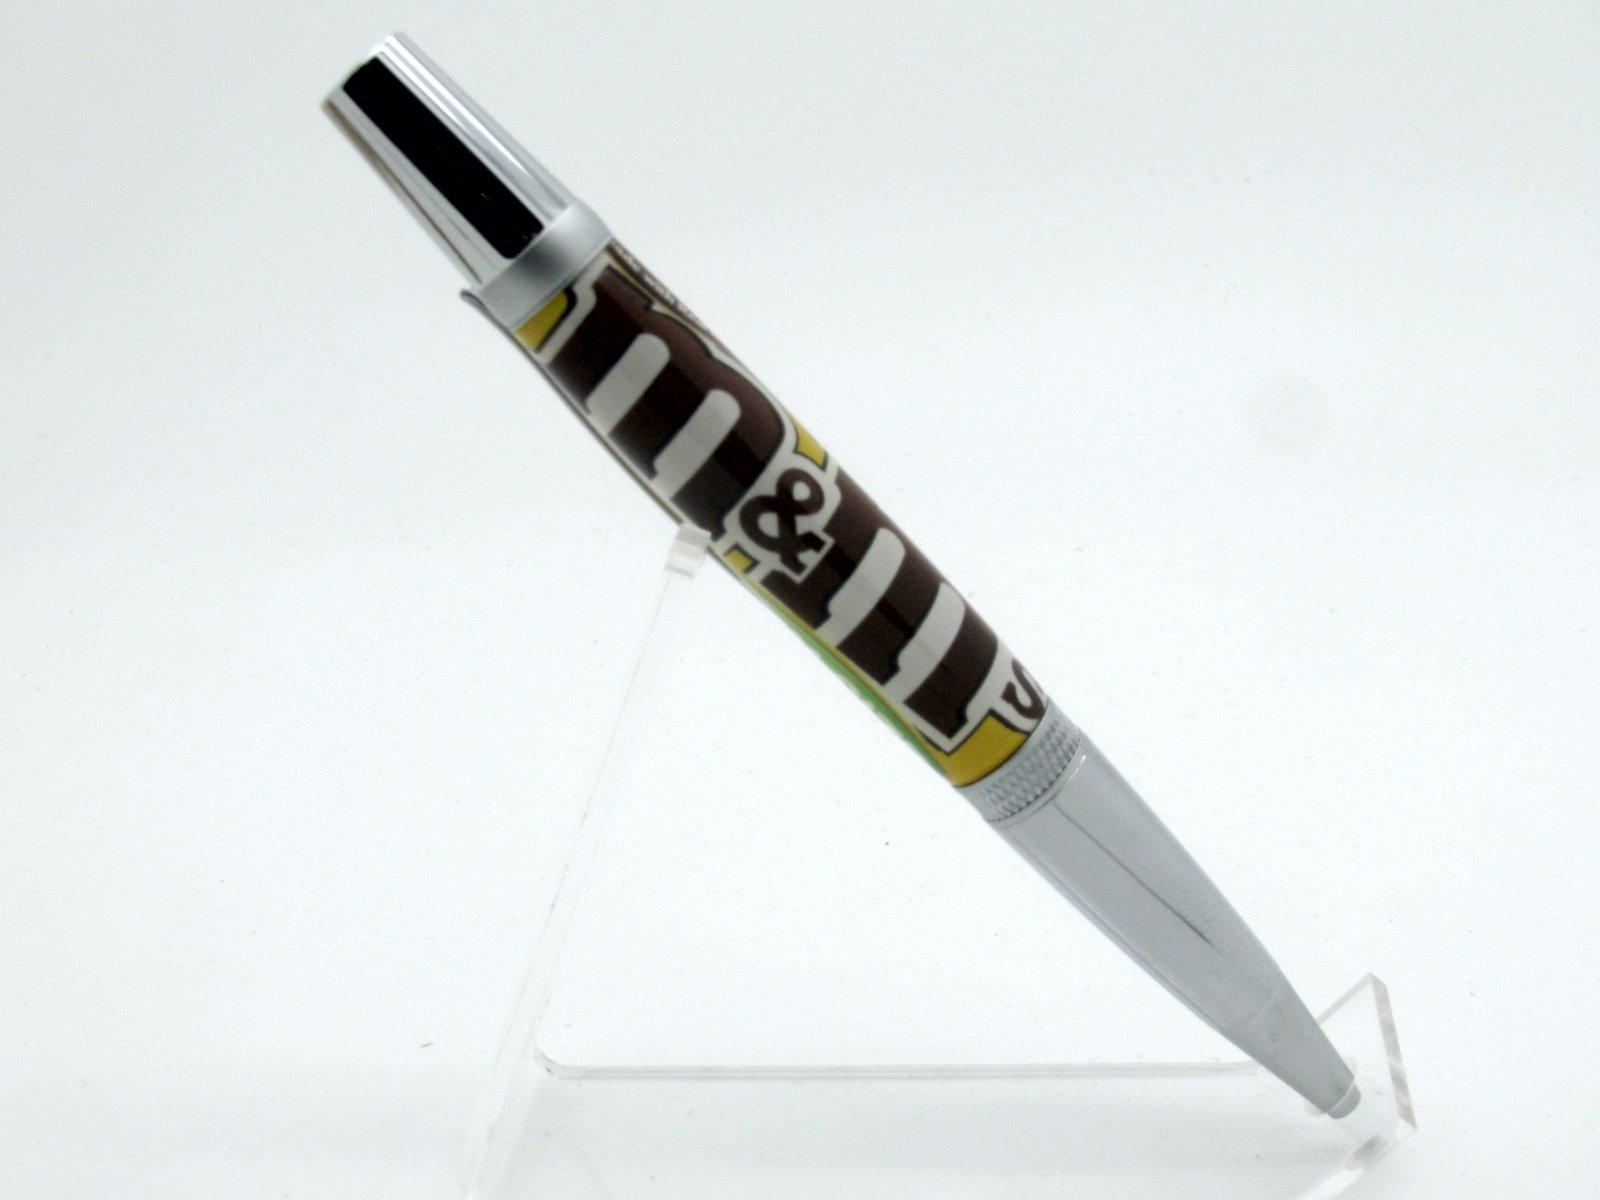 m&m pen.jpg